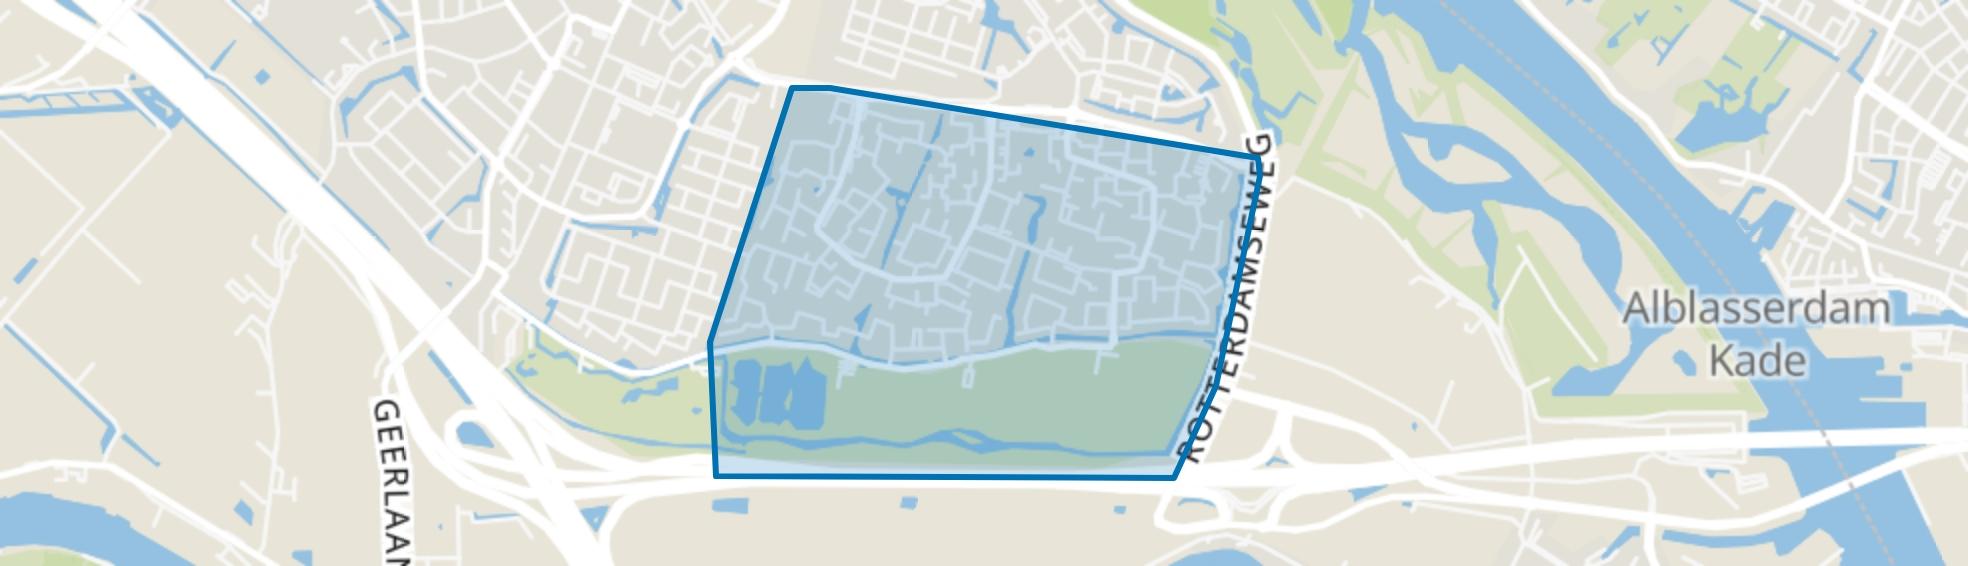 Drievliet, Ridderkerk map